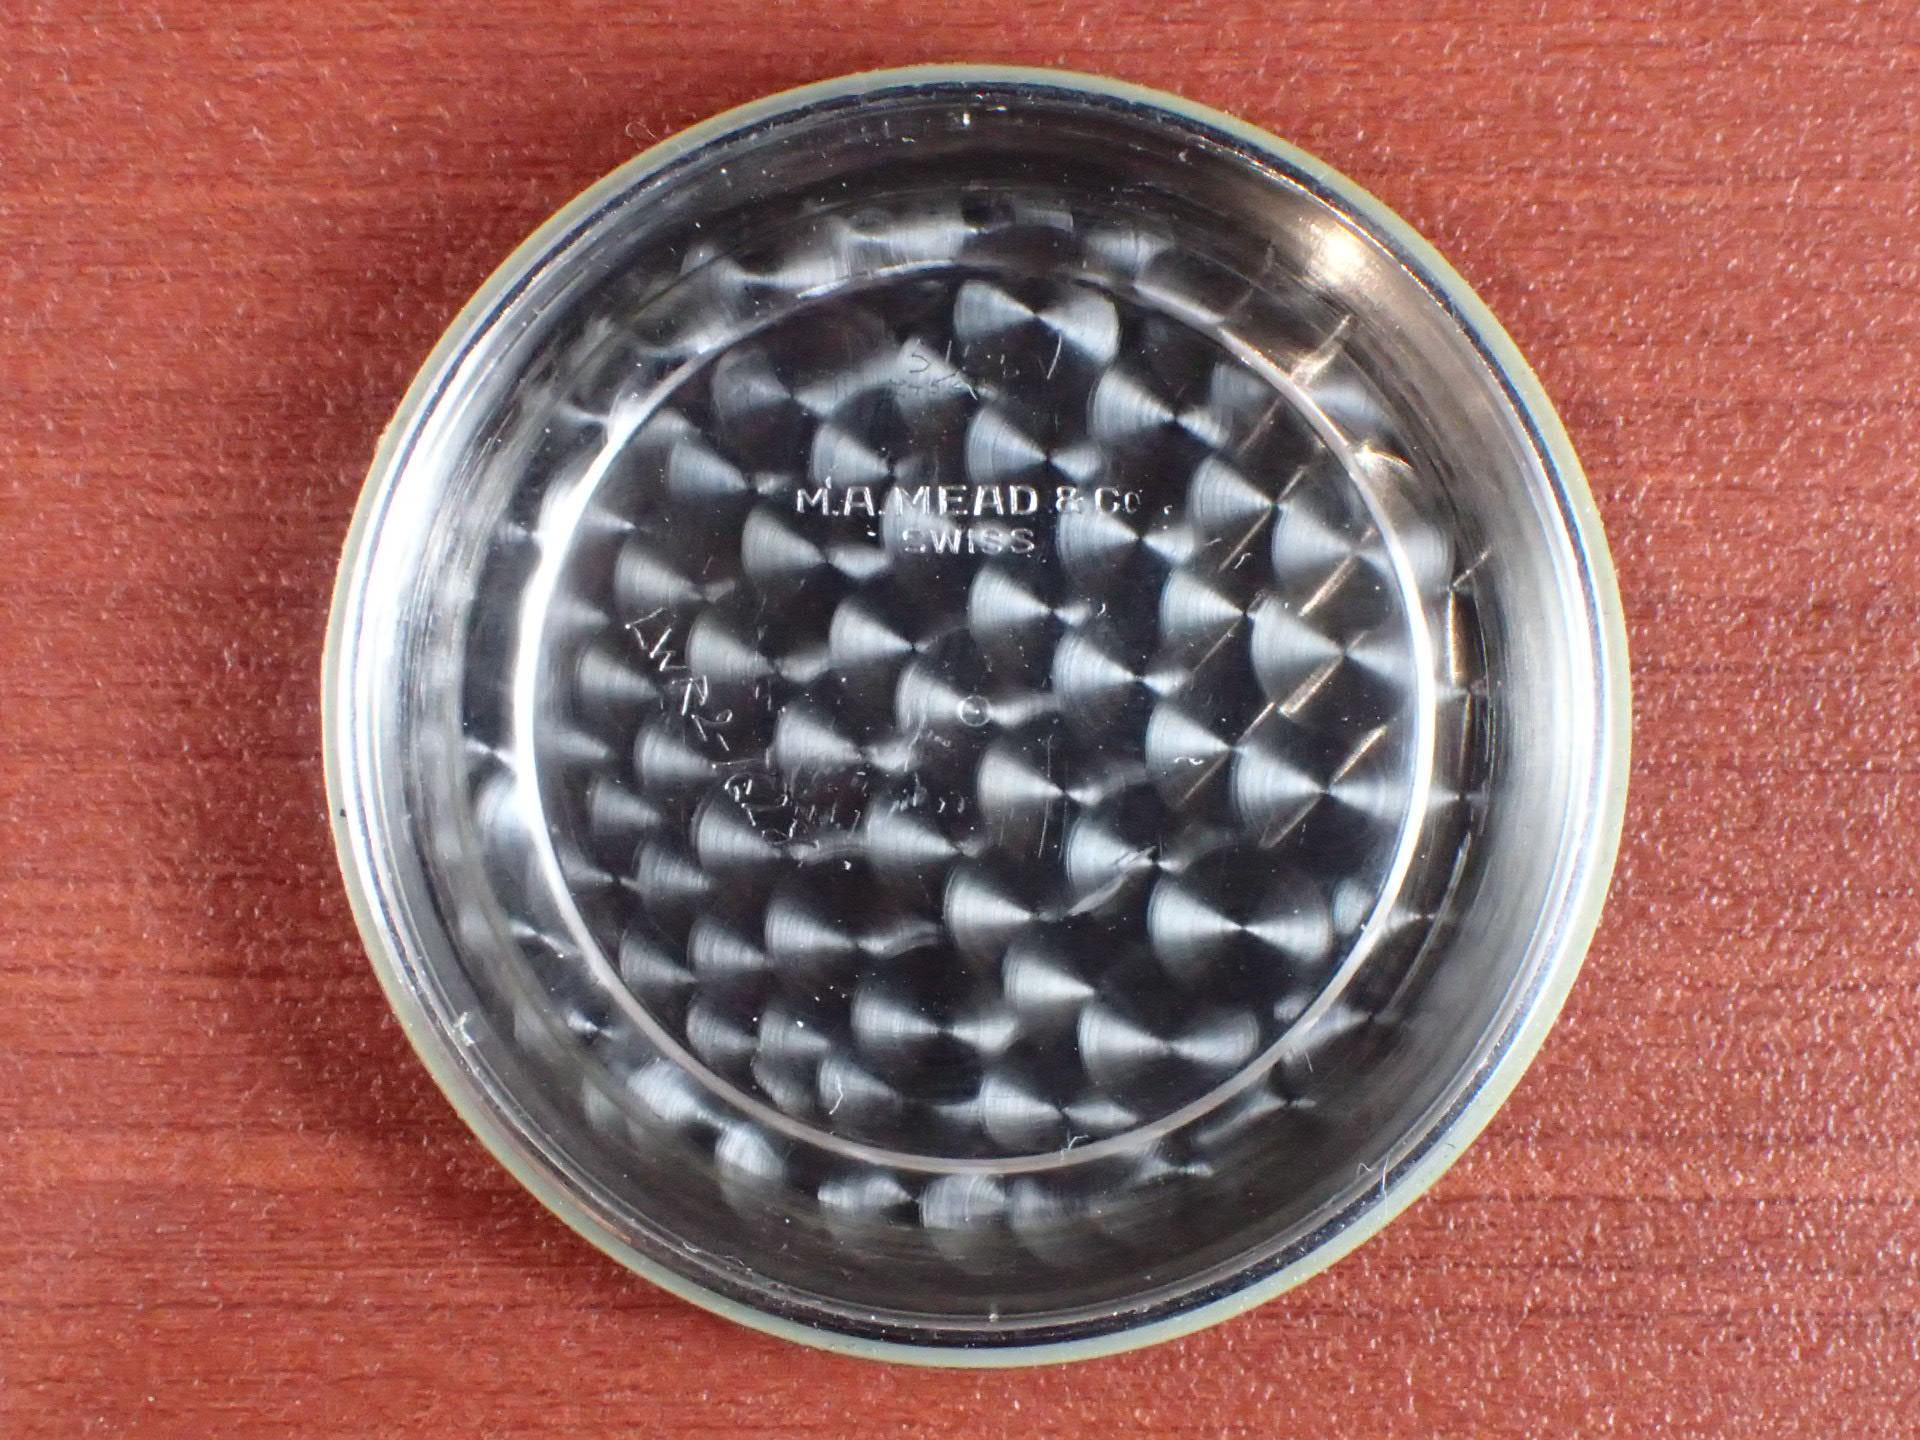 ブールバード クロノグラフ バルジュー22 2トーンダイアル 1940年代の写真6枚目